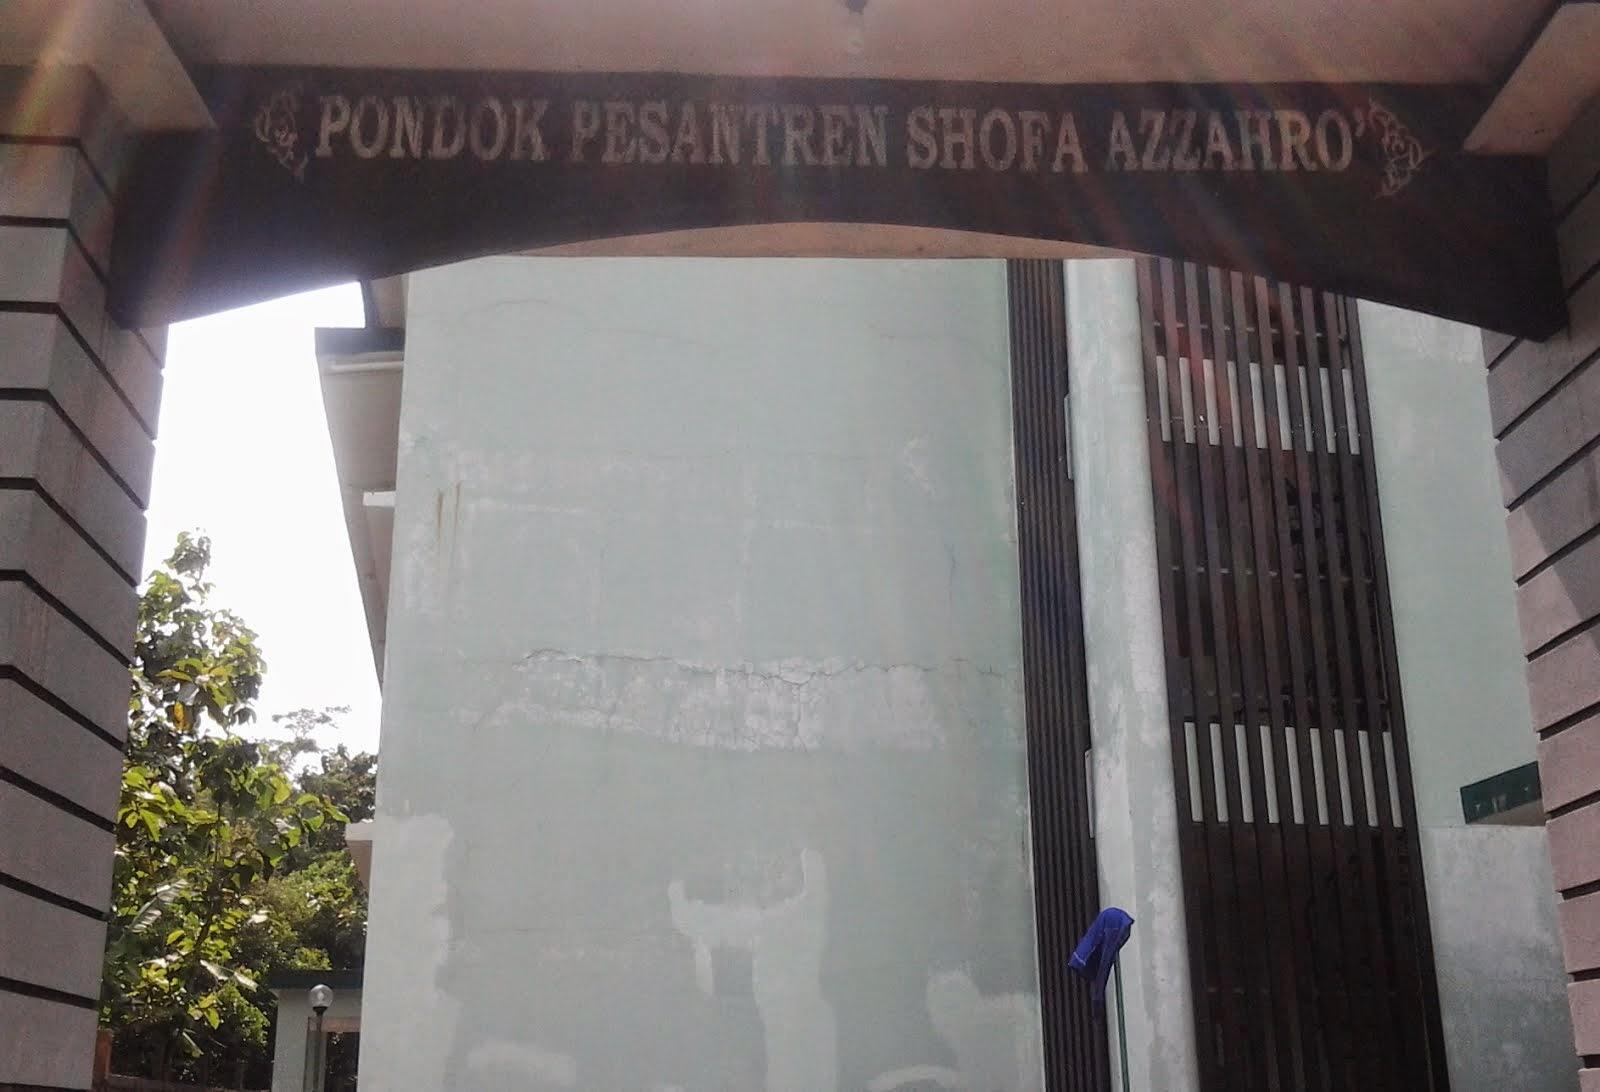 Pintu Gerbang PP Shofa Azzahro